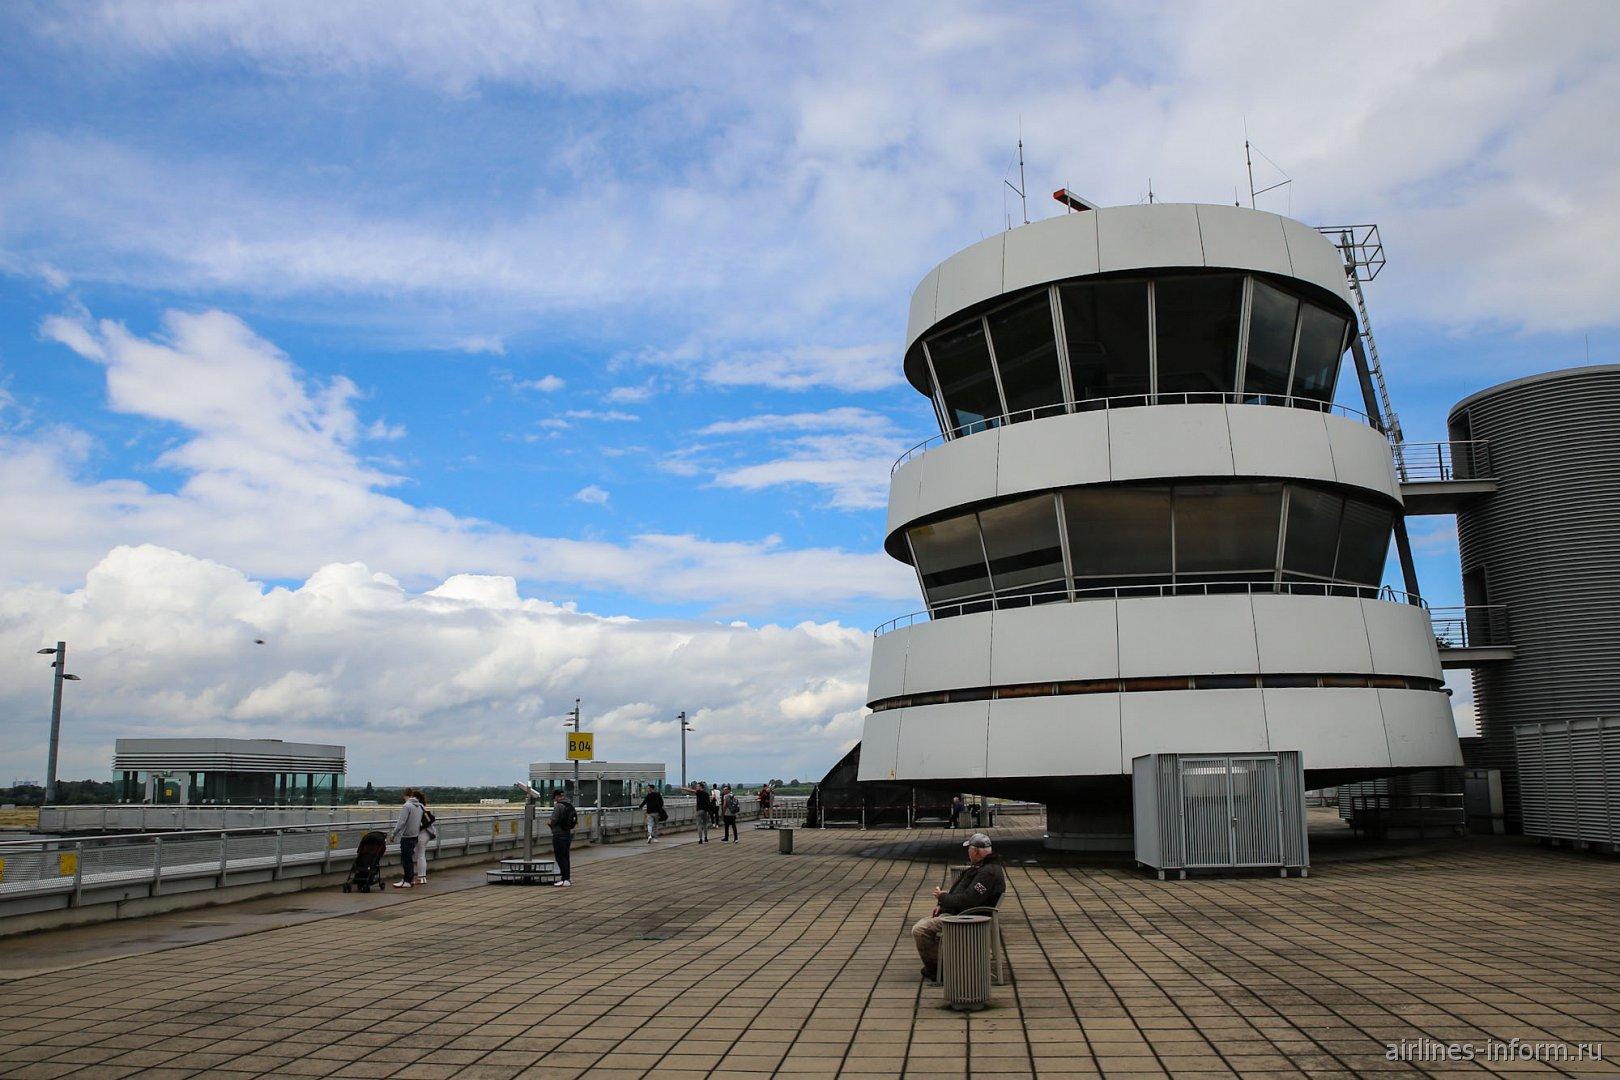 Диспетчерская башня в аэропорту Дюссельдорфа